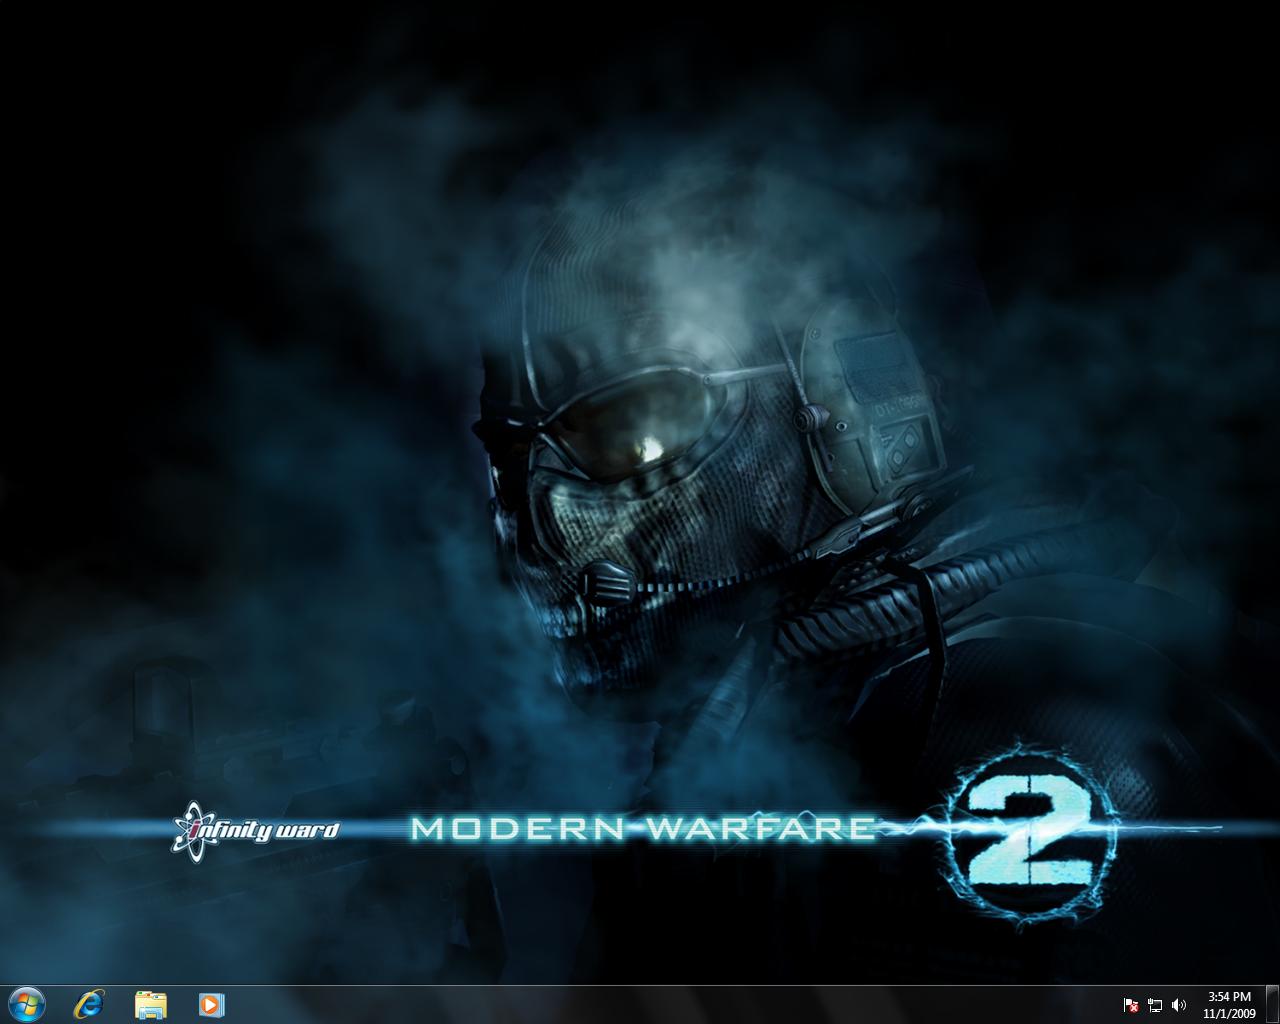 Windows 7: Modern Warfare 2